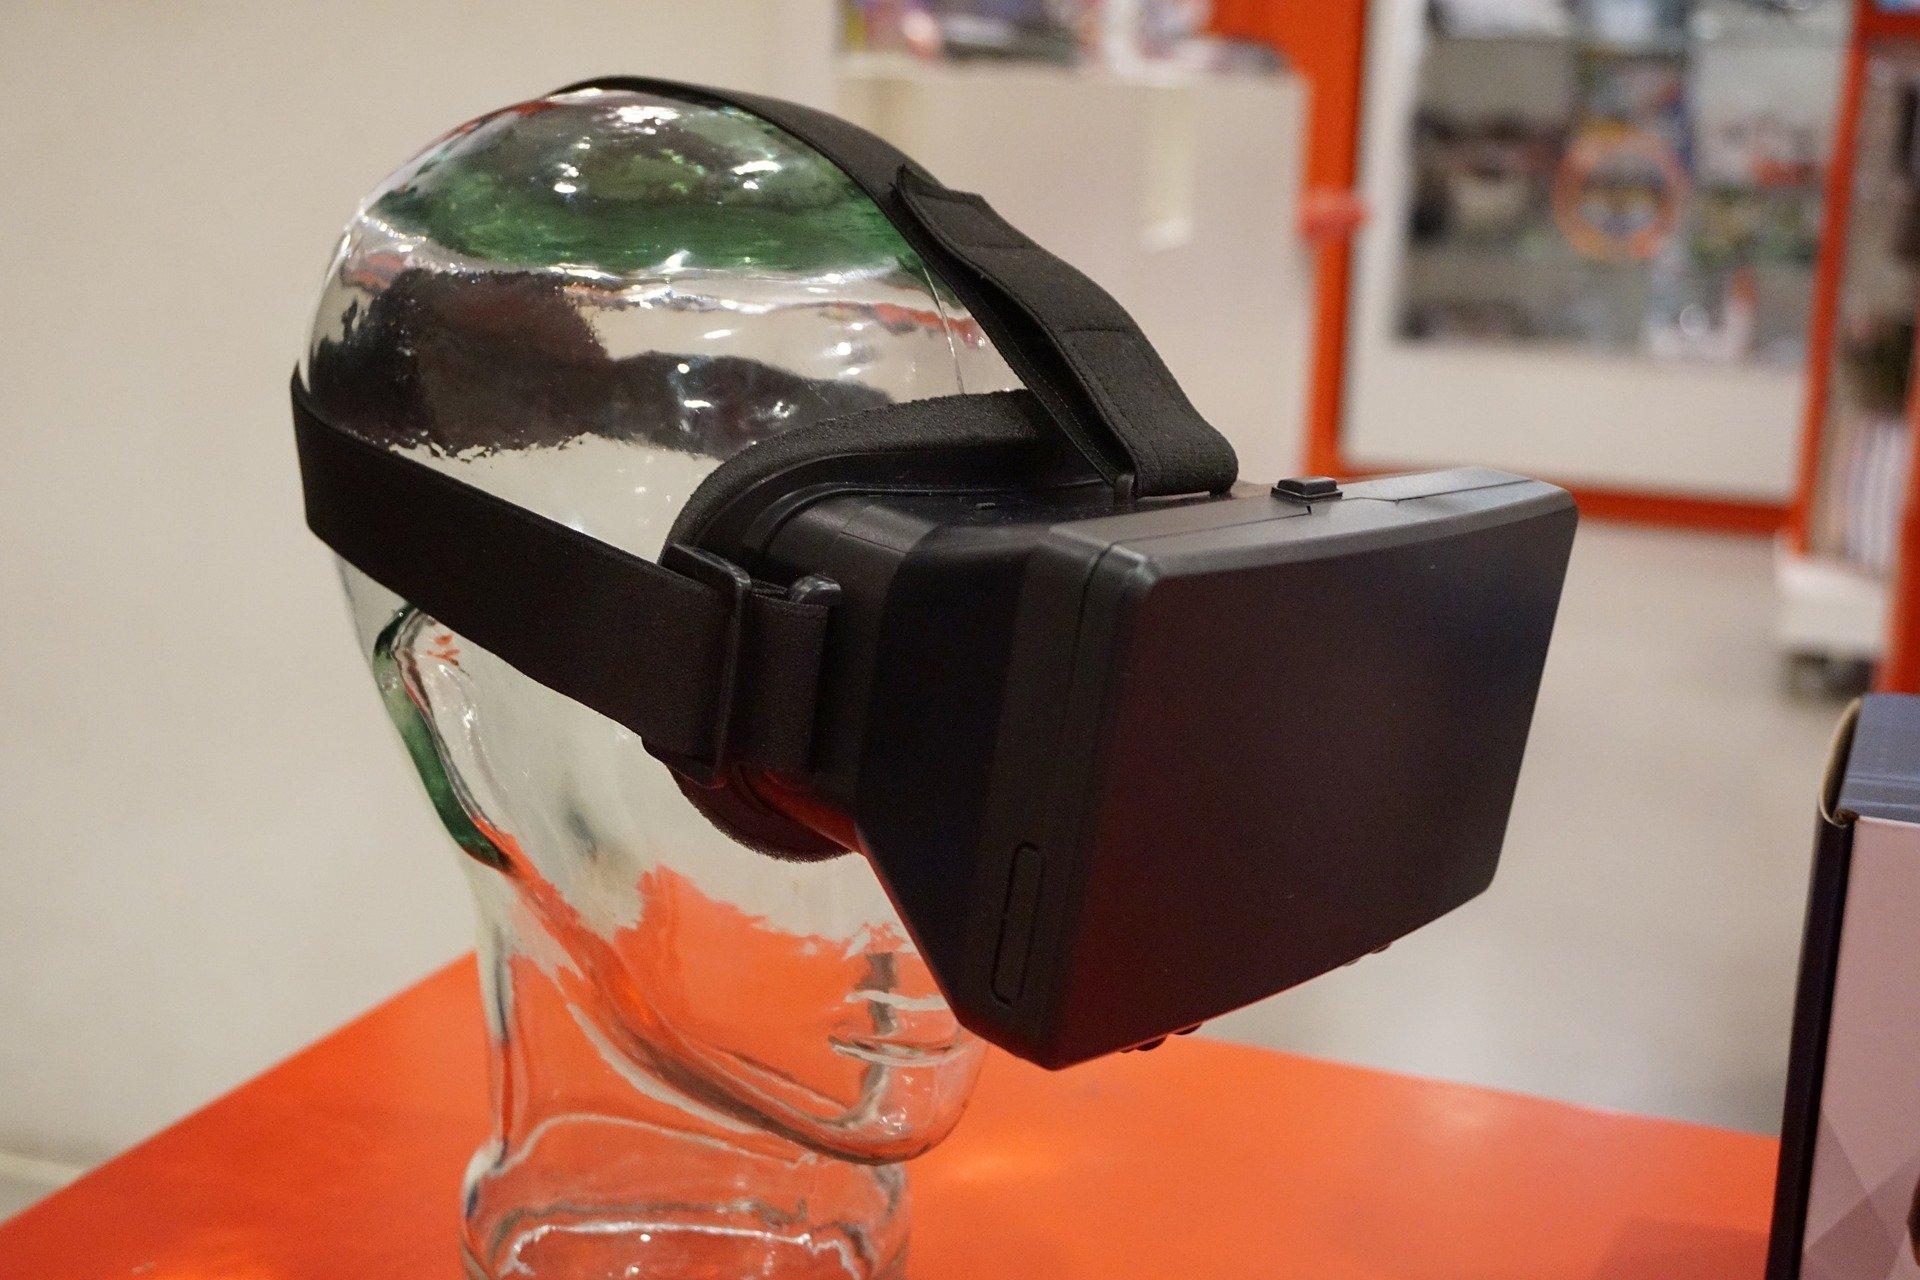 La realtà virtuale come supporto per ristoranti